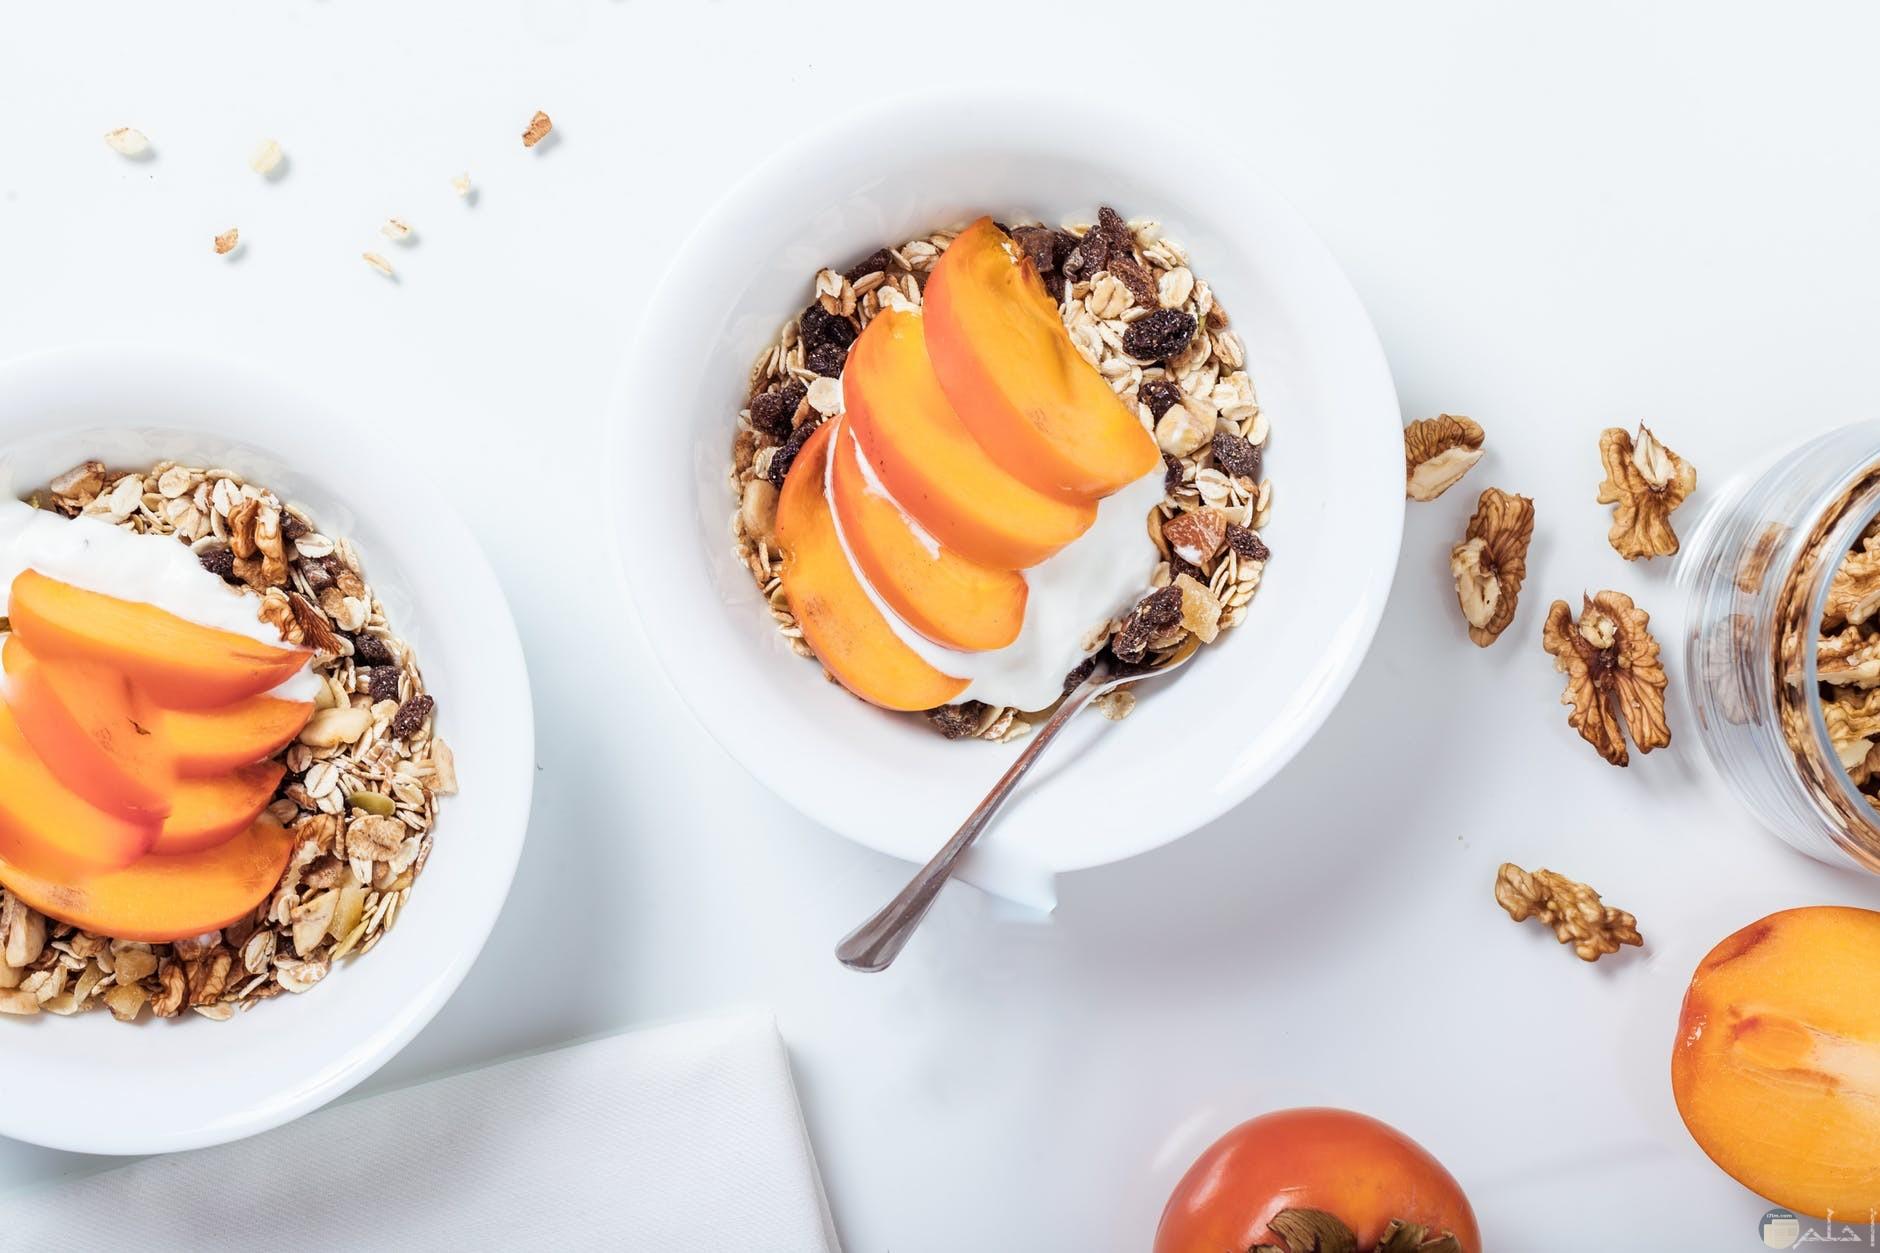 ابتكارات لفطار رائع مع المكسرات والشوفان